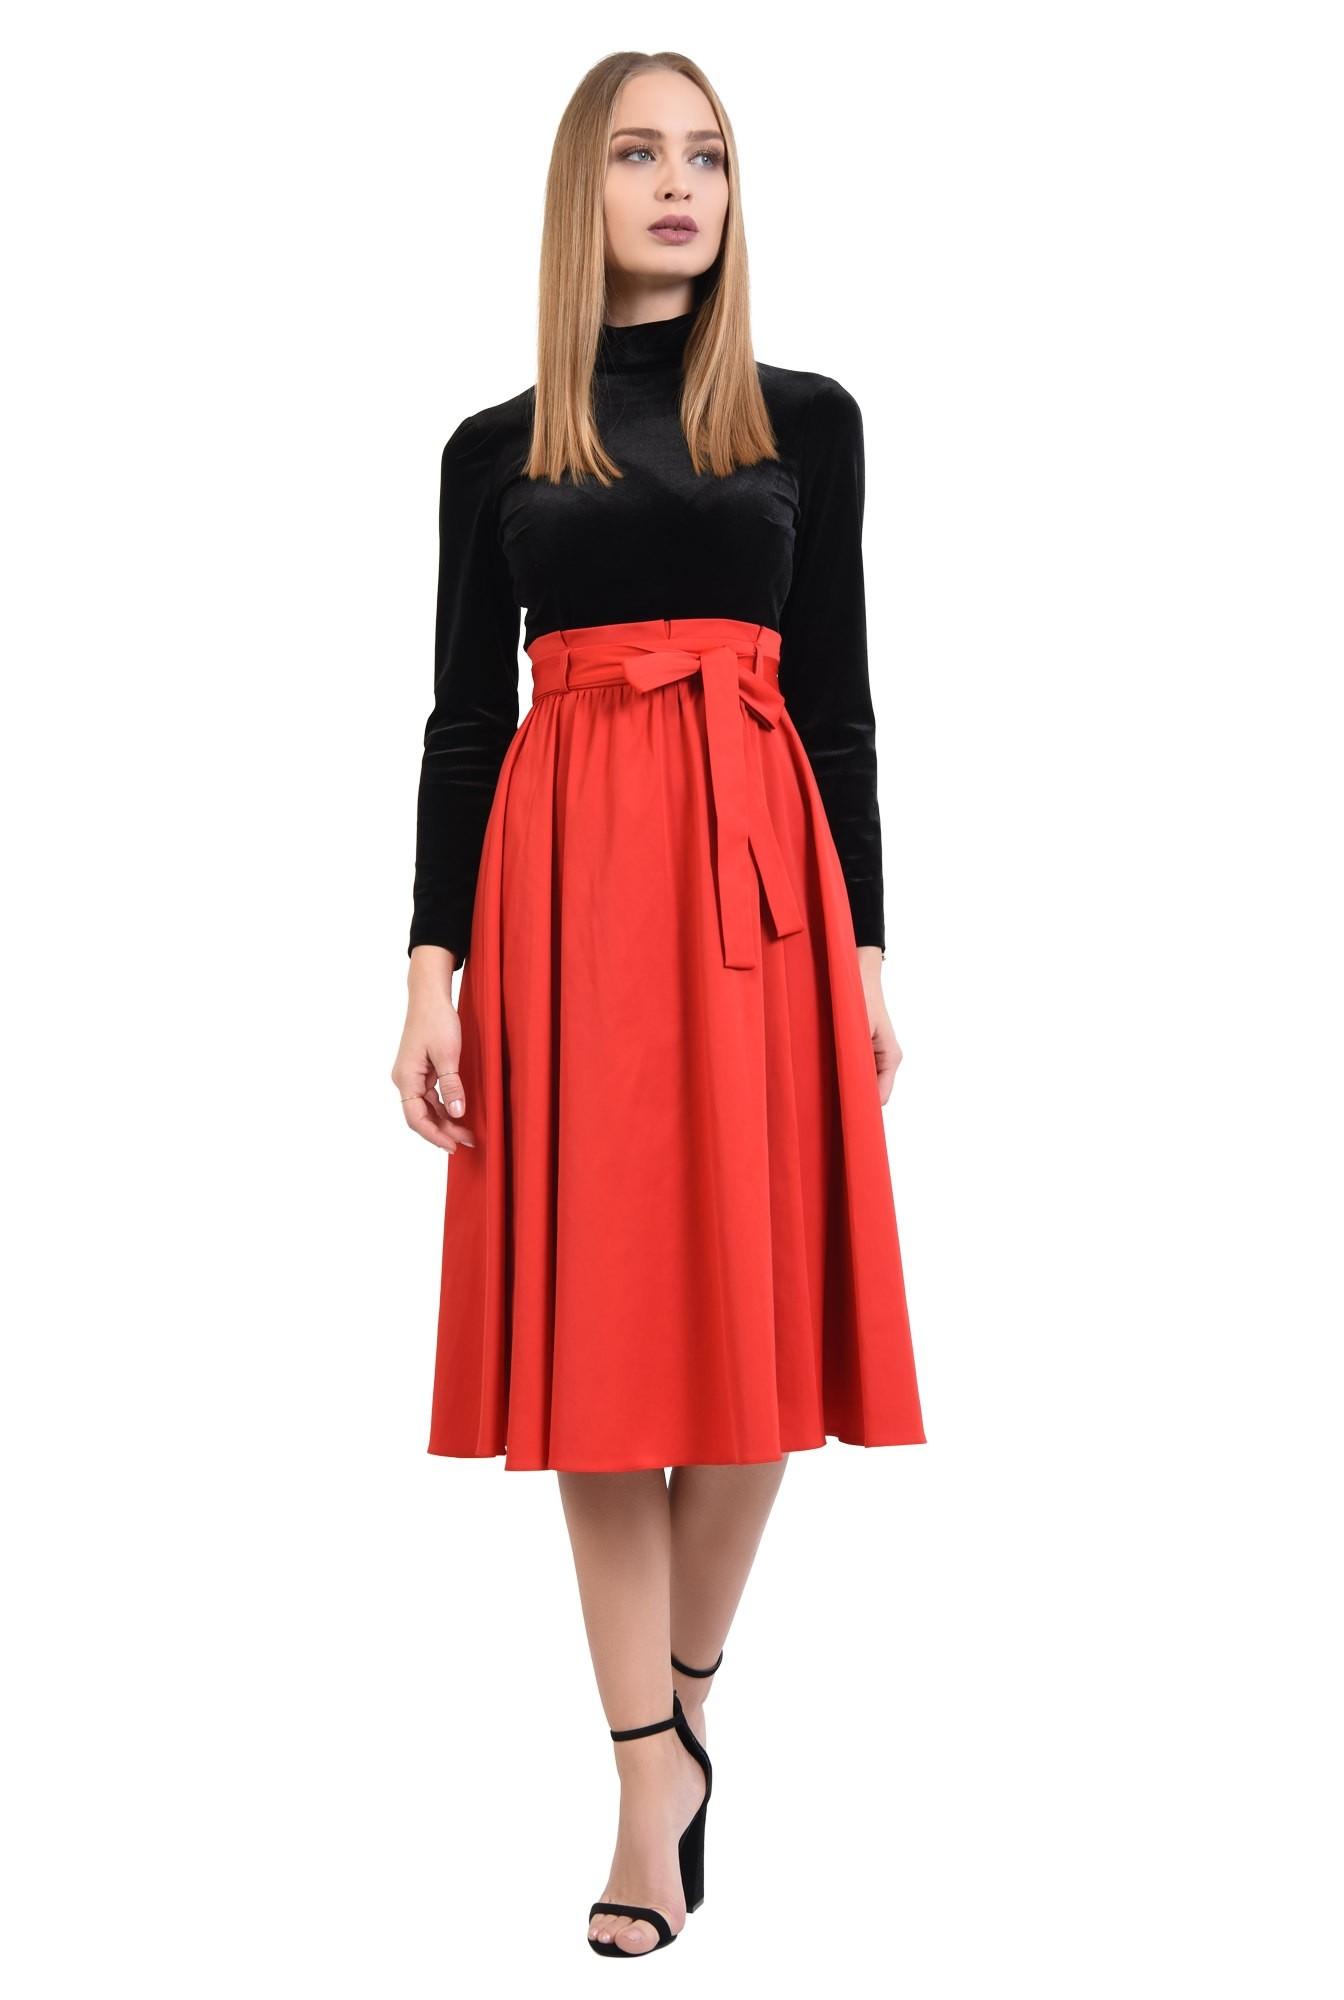 3 - 360 - fusta clos eleganta, rosu, funda, falduri, croi evazat